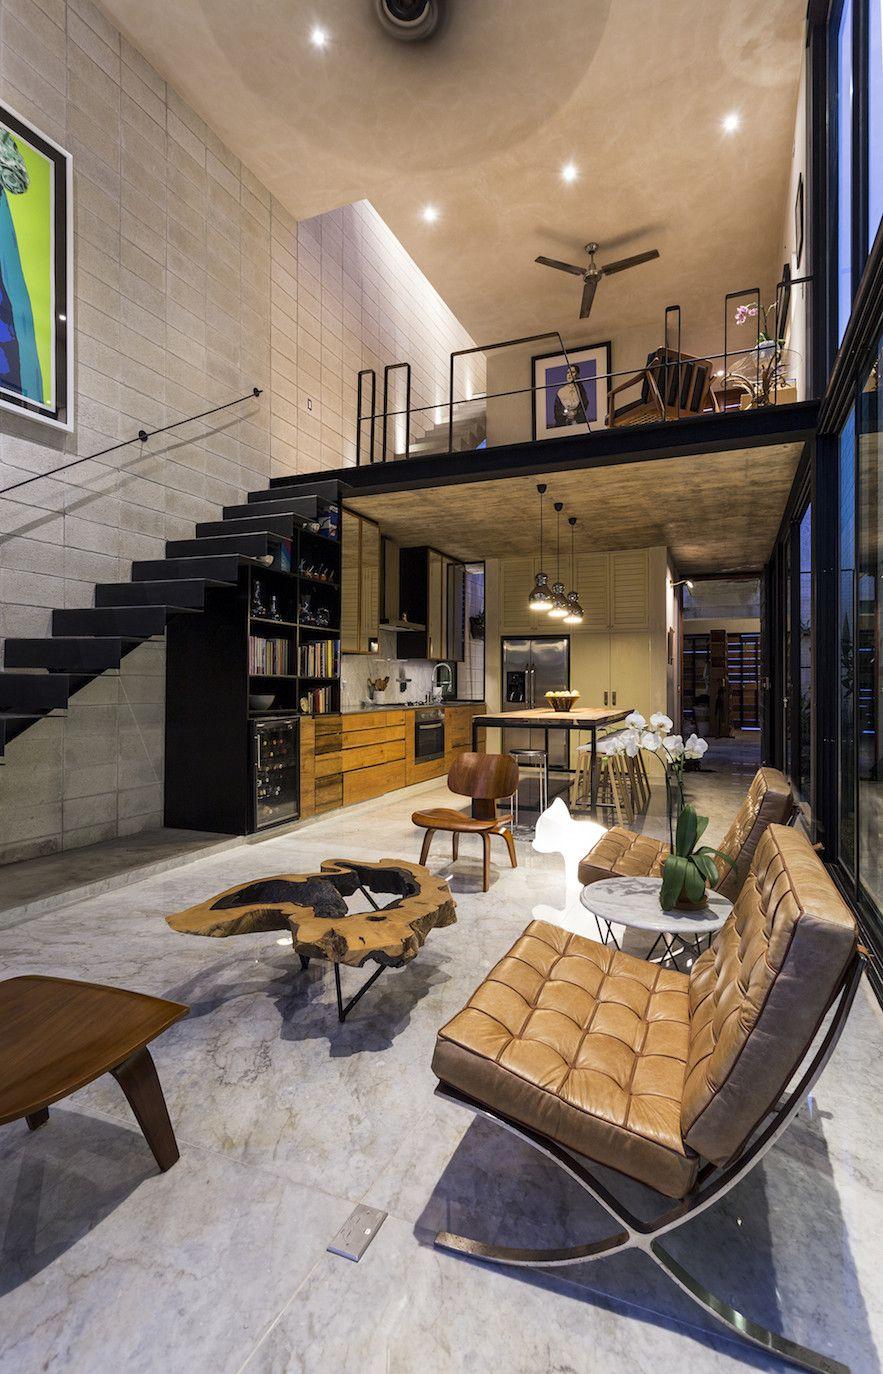 Wunderbar Gestalten | Raw Home By Taller Estilo